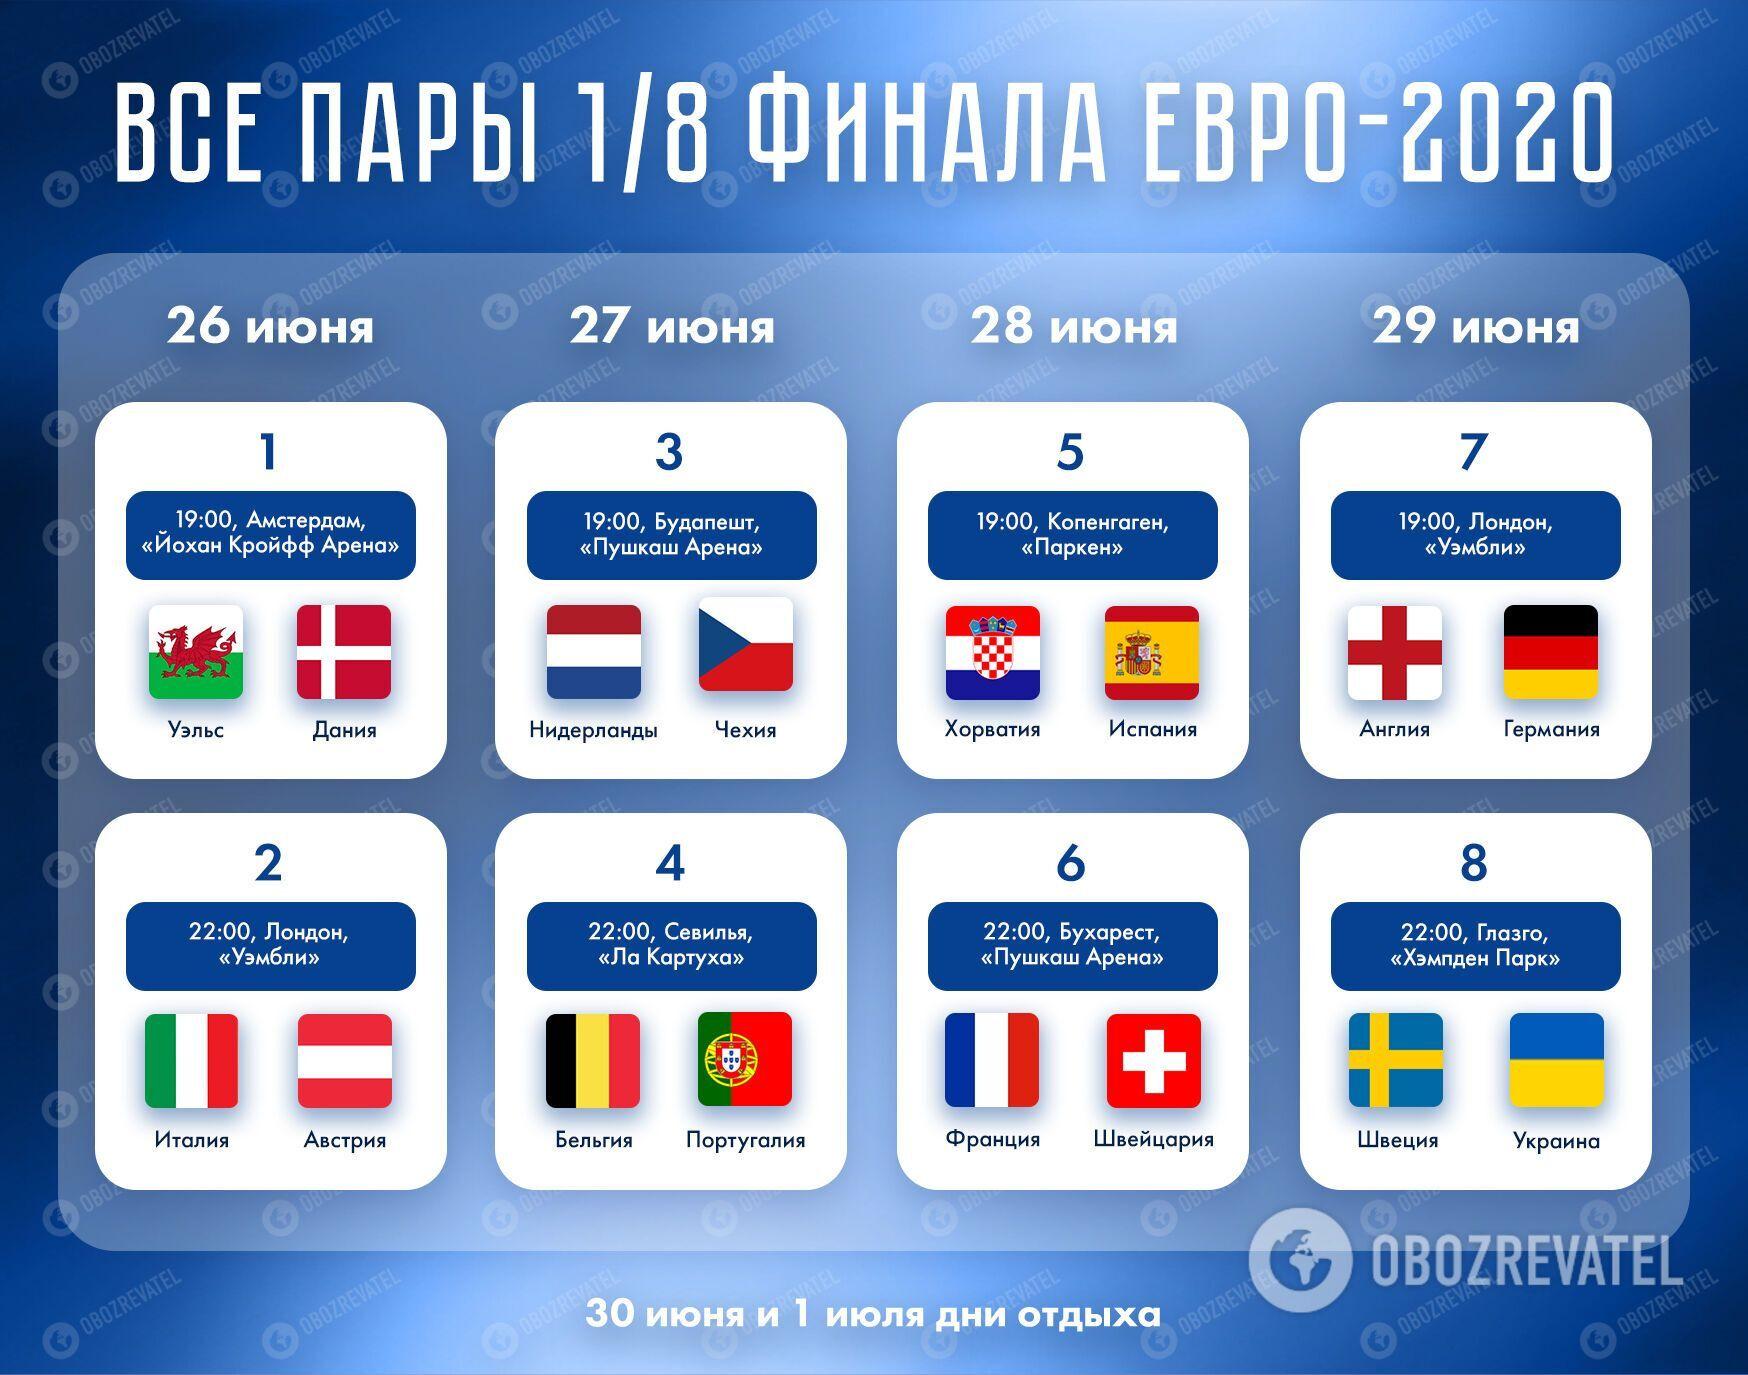 Пари 1/8 фіналу Євро-2020